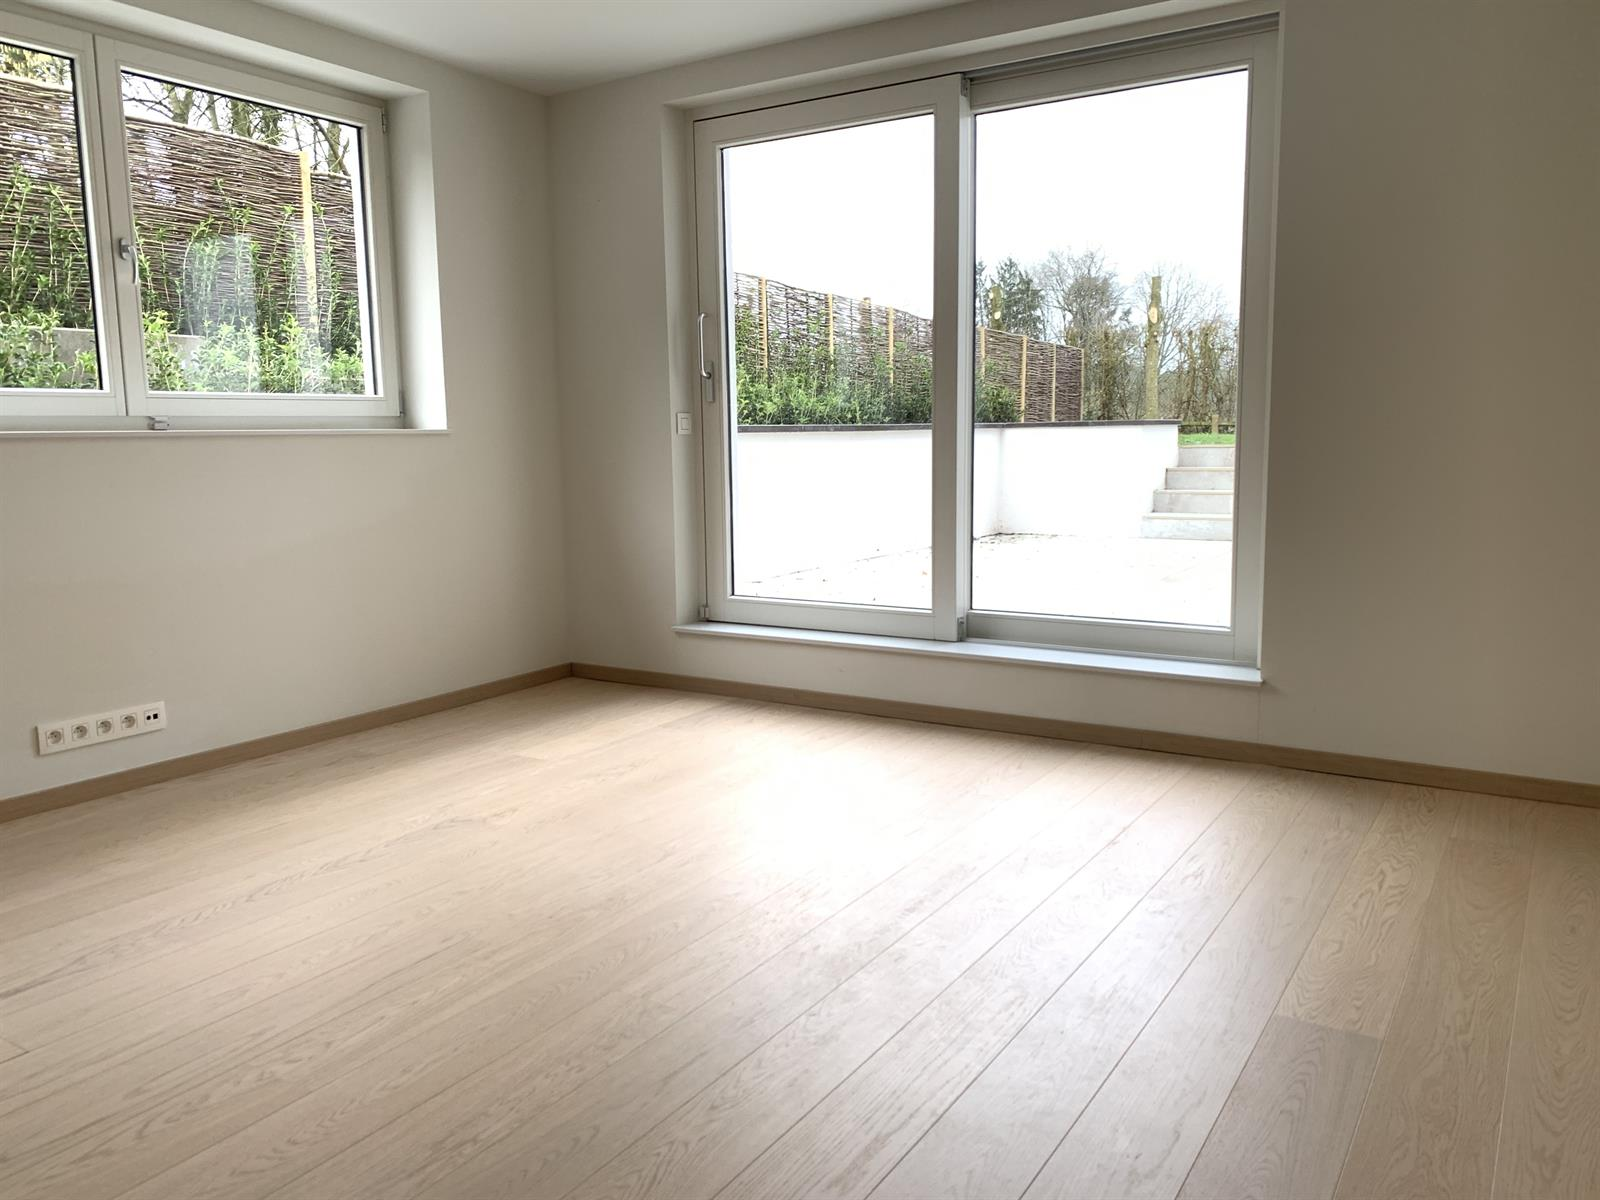 Buitengewoon huis - Uccle - #3965165-11